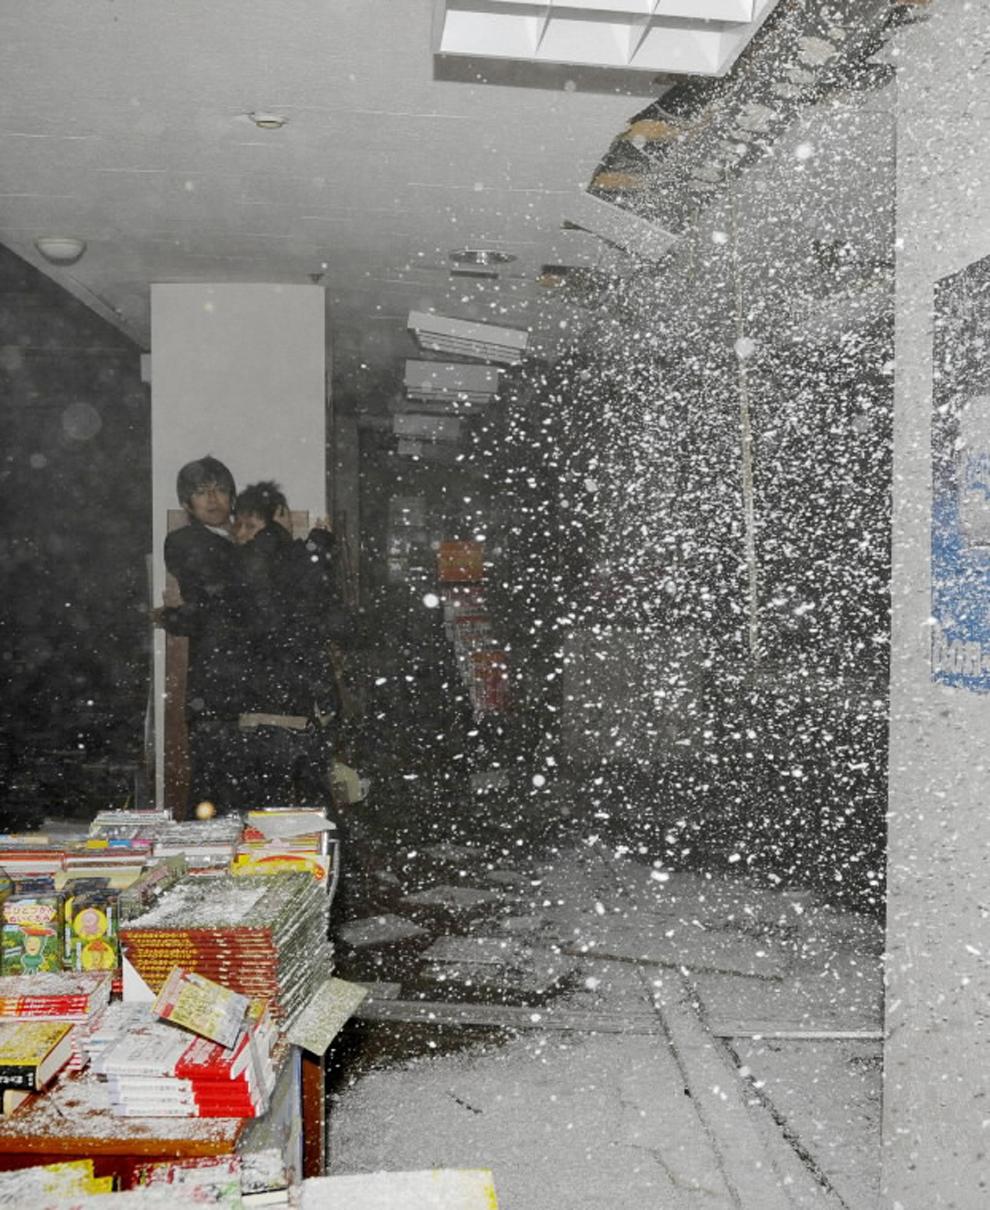 terremoto japon 8.9 2011 sendai libreria techo